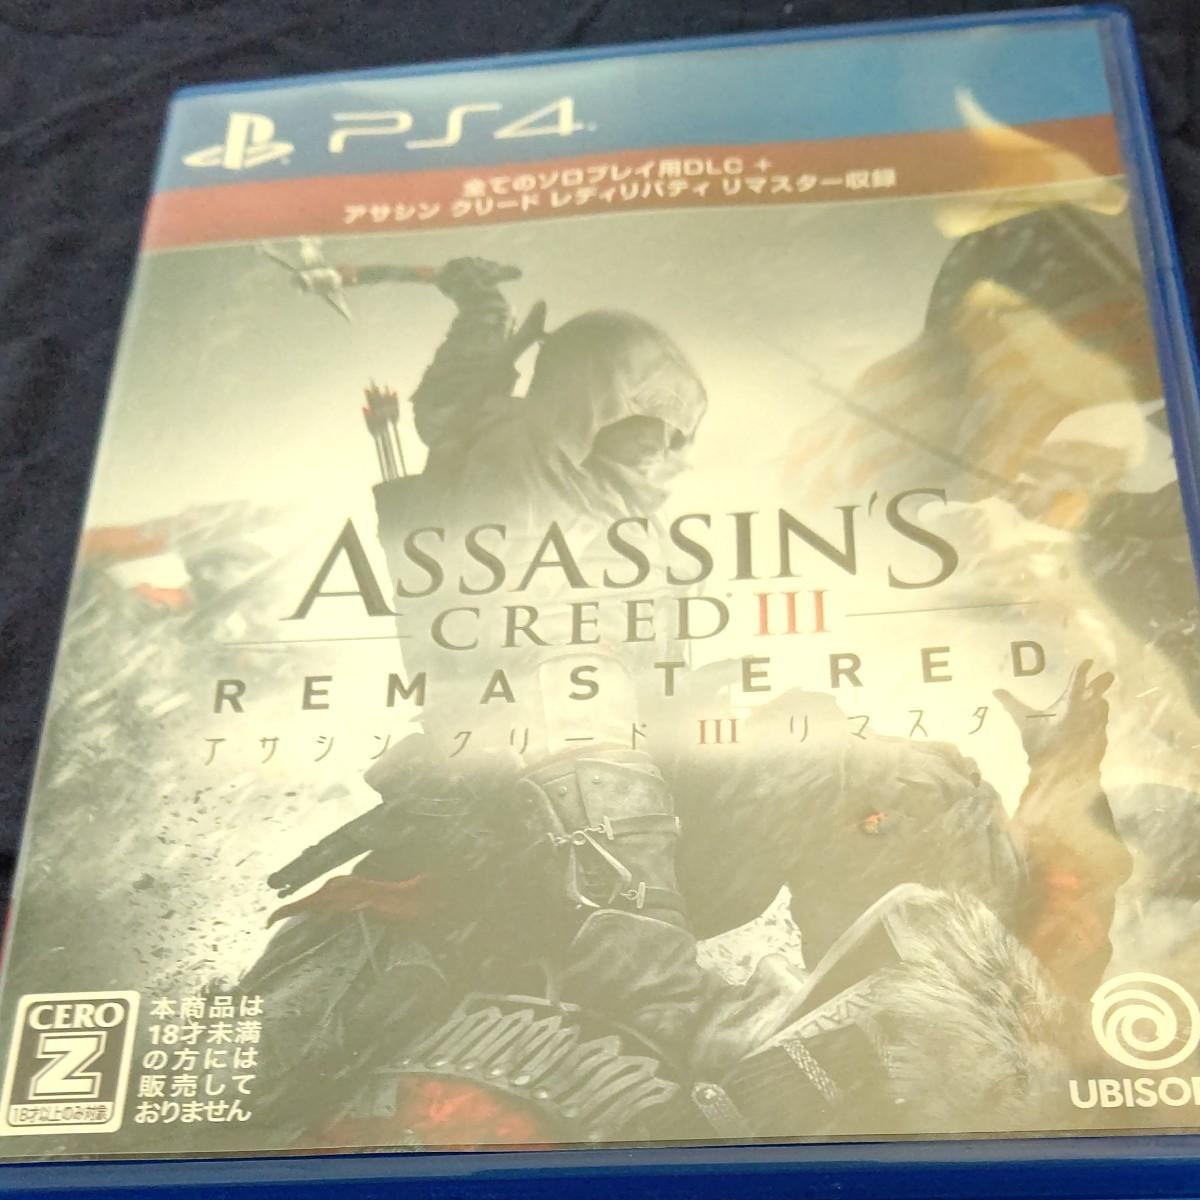 PS4 アサシンクリード3 Ⅲ リマスター